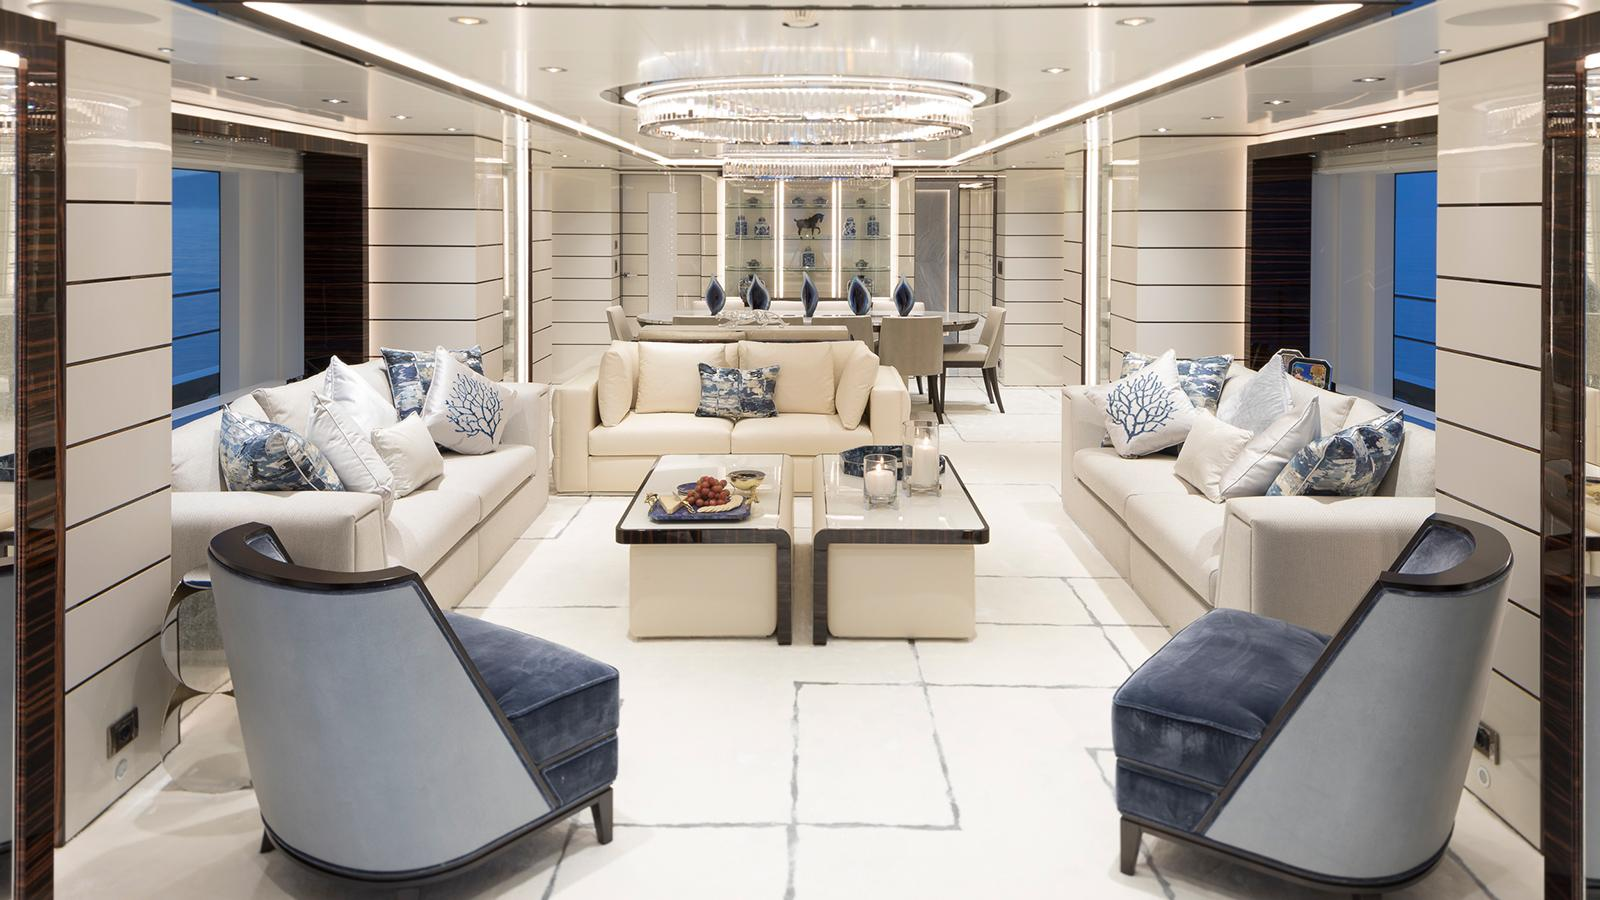 roe razan motoryacht turquoise yachts 2017 47m lounge